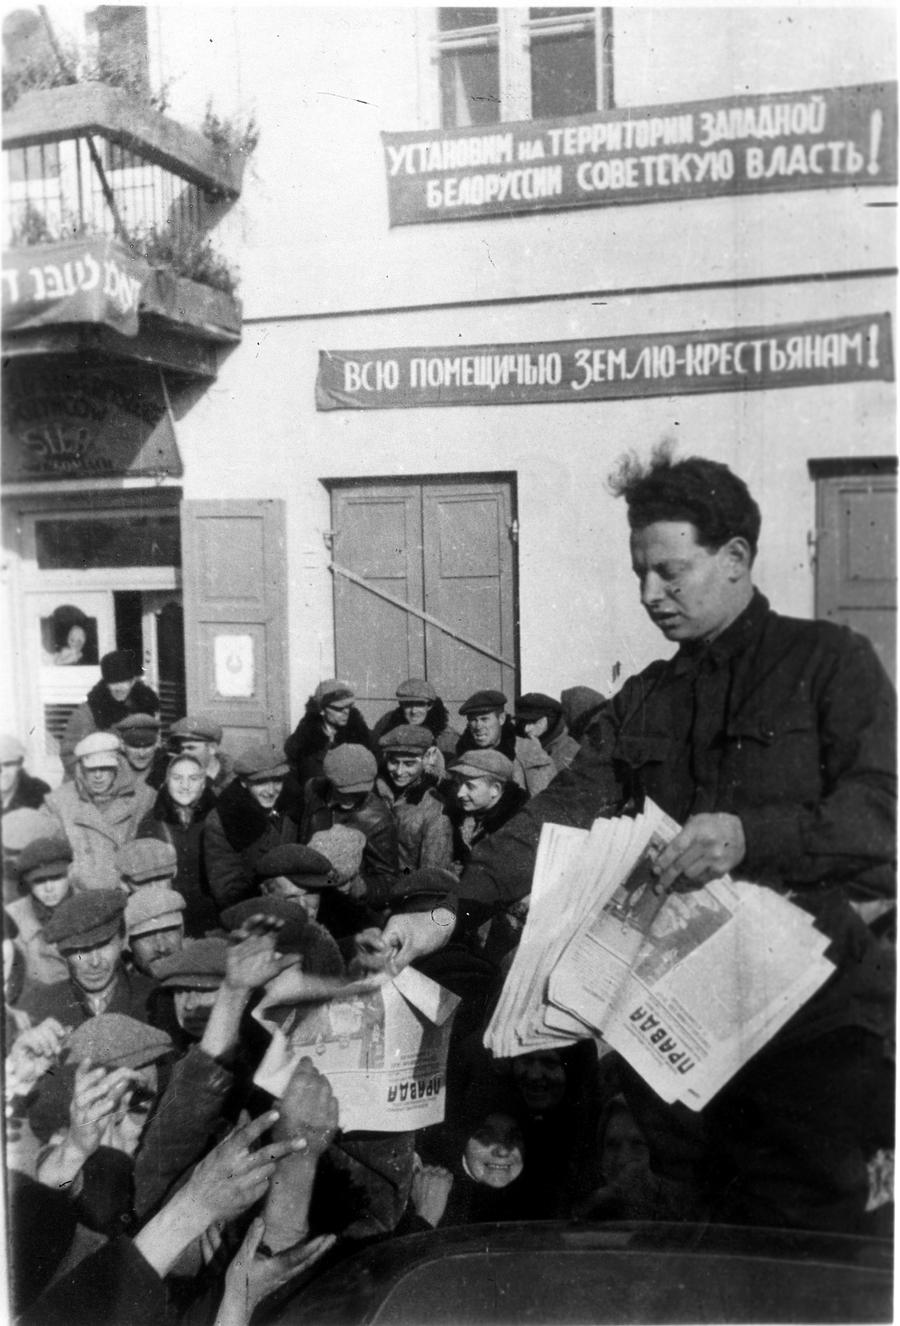 2 ноября 1939 г, Сморгонь. Митинг в местечке Сморгонь, посвященный воссоединению Западной Белоруссии с БССР Фото Белорусский государствен-ный музей истории Великой Отечественной войны